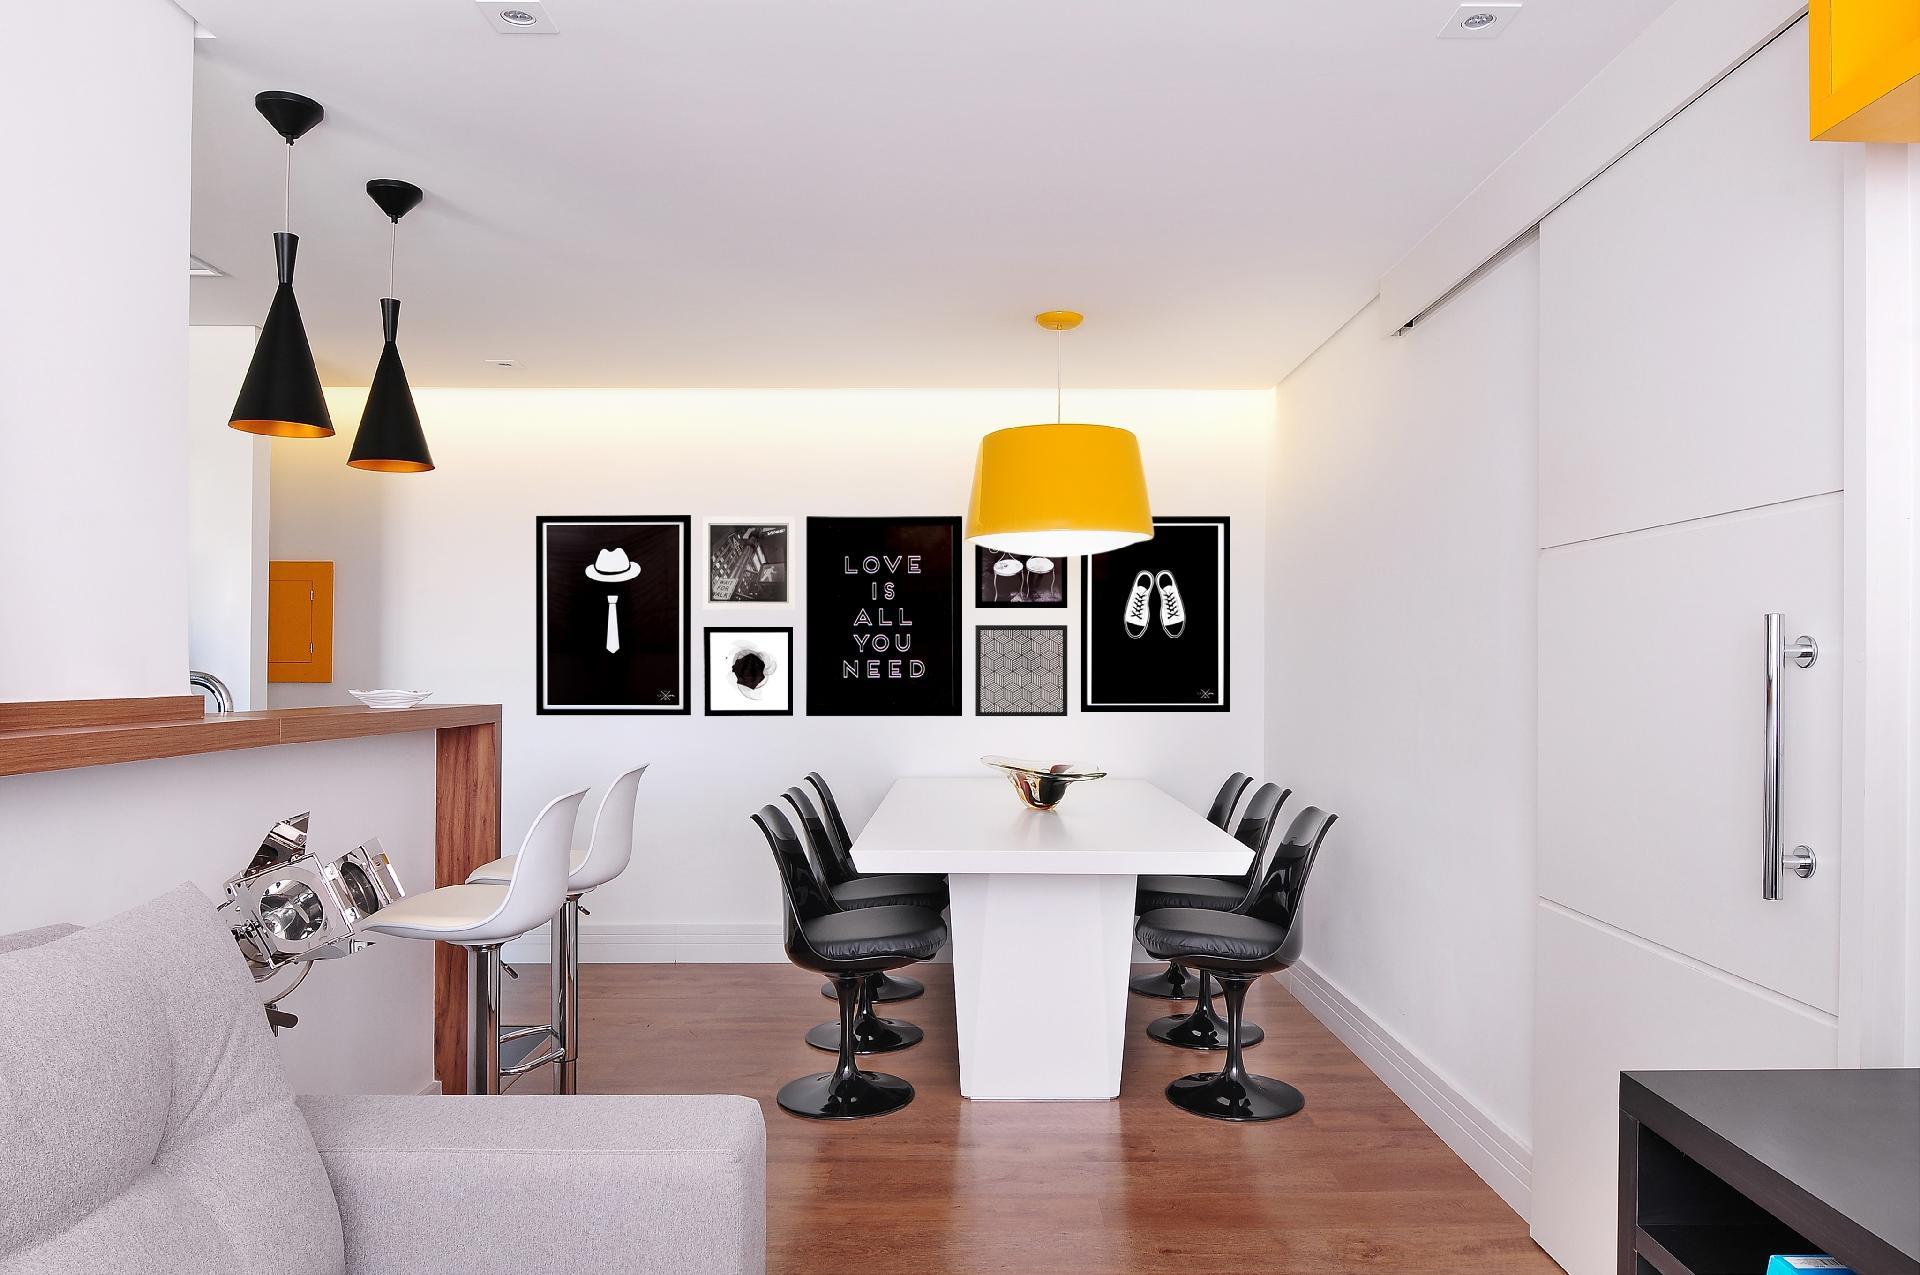 Salas de jantar: ideias para decorar o ambiente BOL Fotos BOL #C78E04 1920 1275